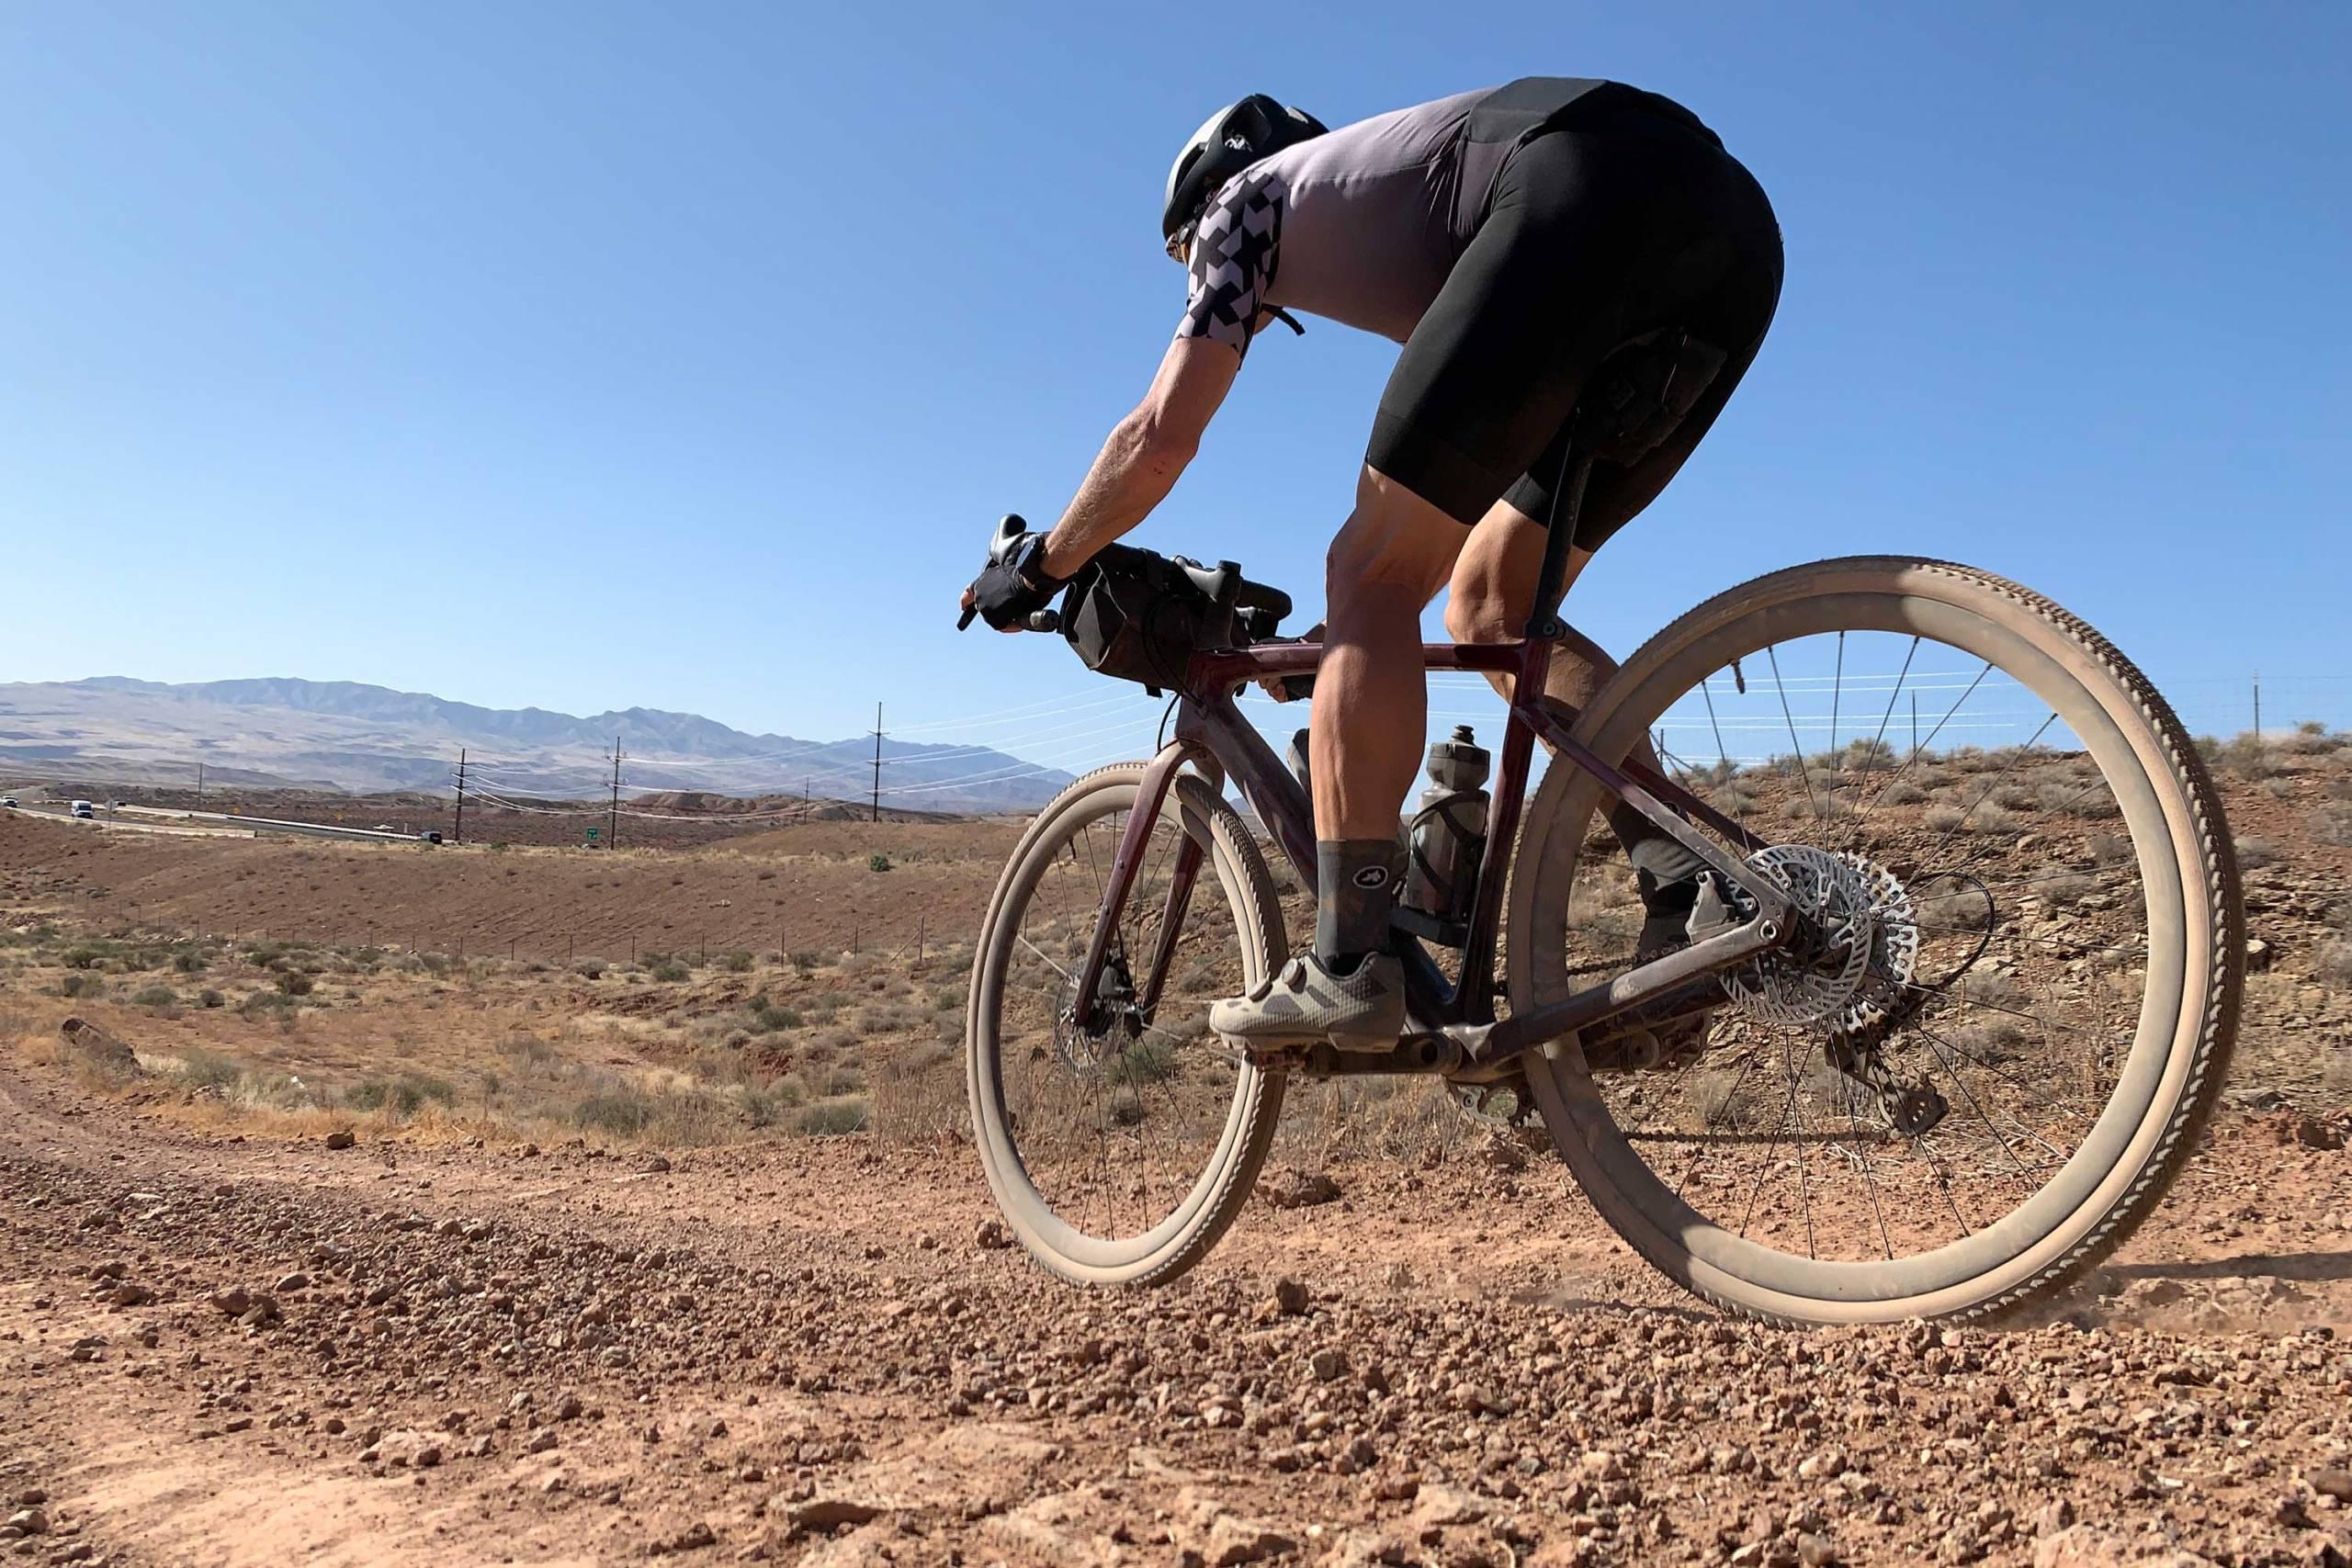 GearJunkie_Best_Gravel_Bike_2021_Specialized_Diverge_Pro_Carbon_ride_2283